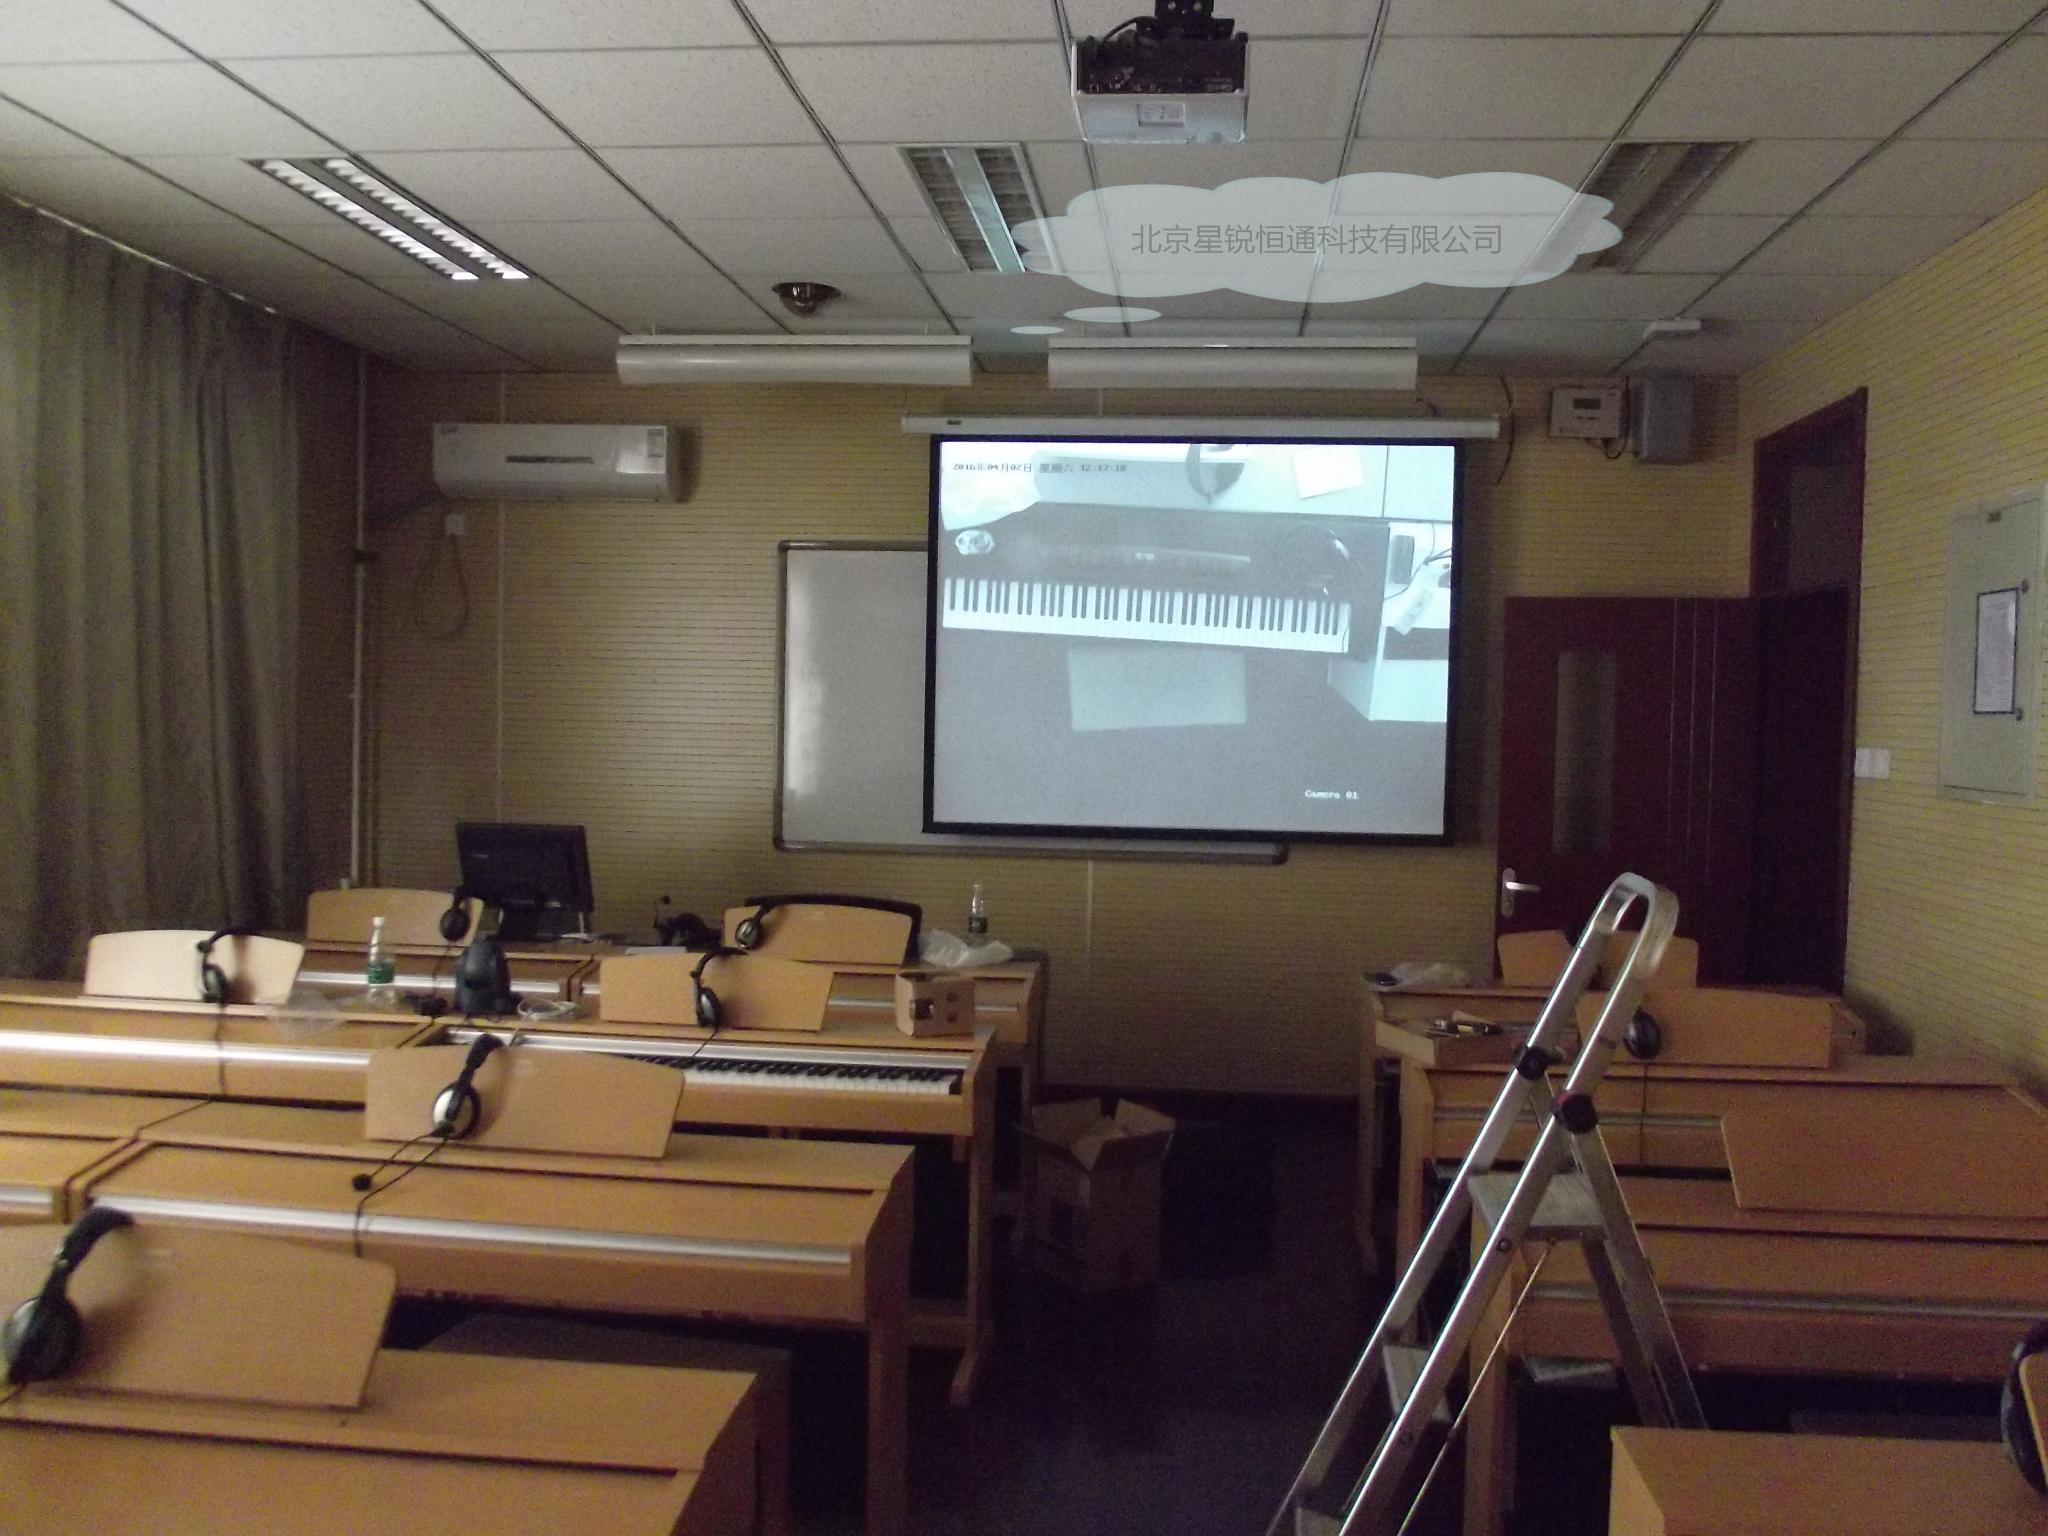 教室一体机装光盘步骤